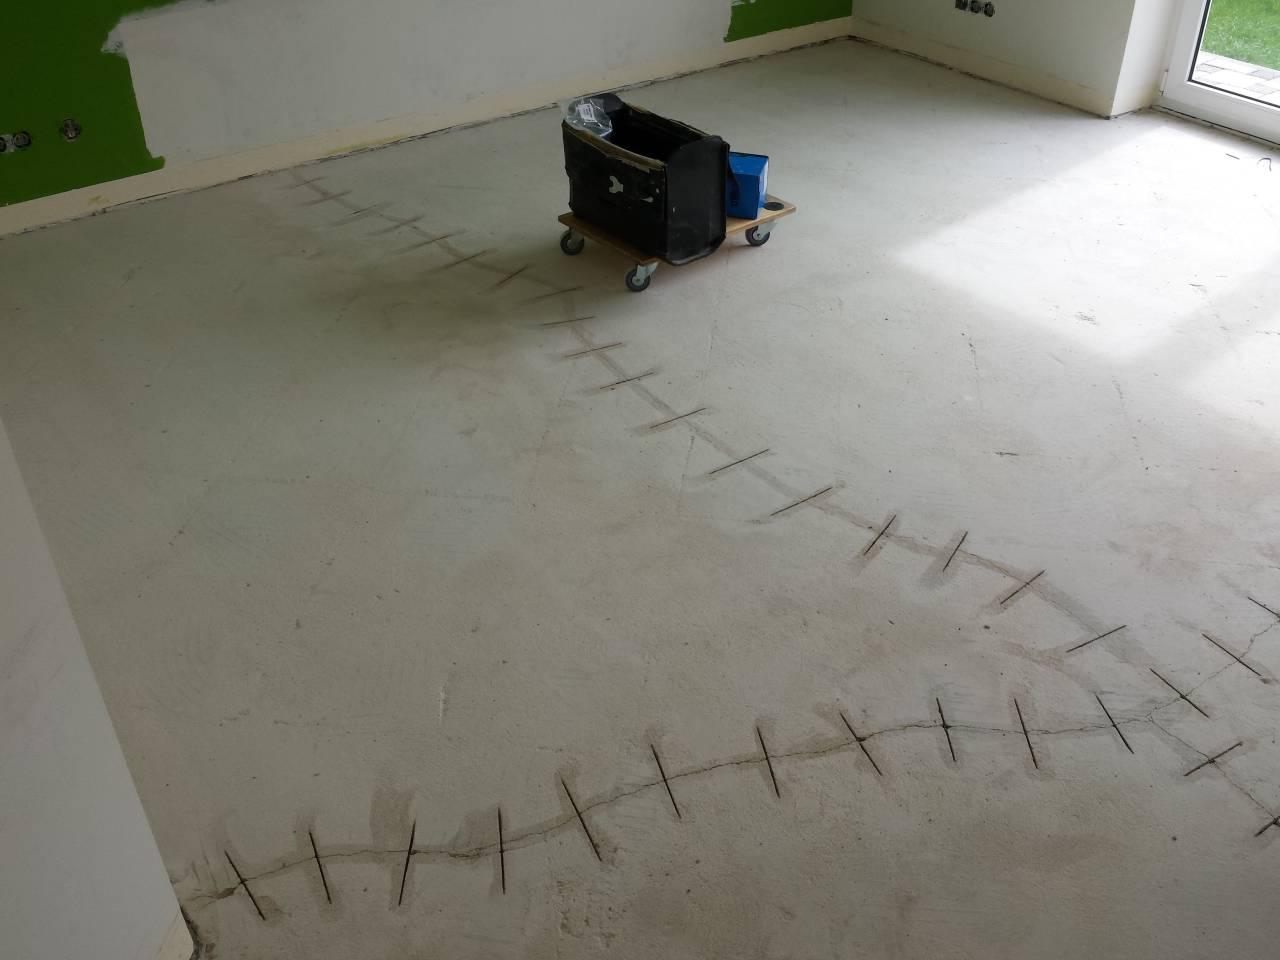 Fußboden verharzen wegen der Spannungsrisse